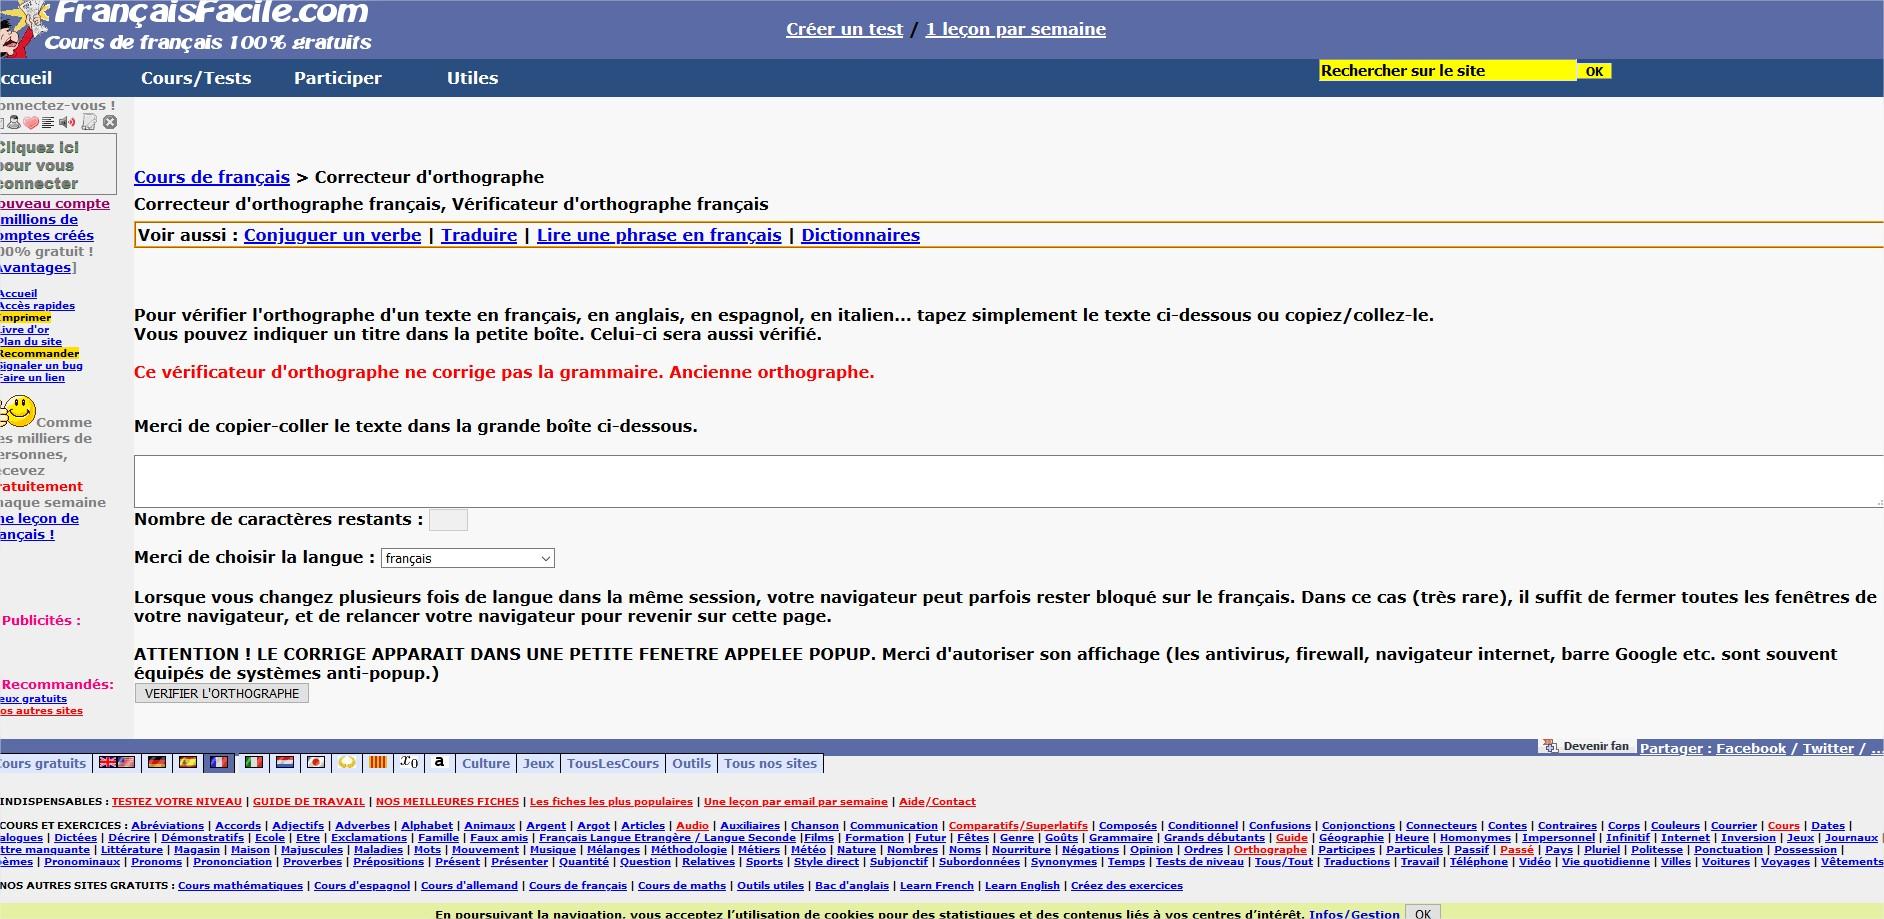 Francais-Facile-com-Verificateur-Orthographique-Gratuit